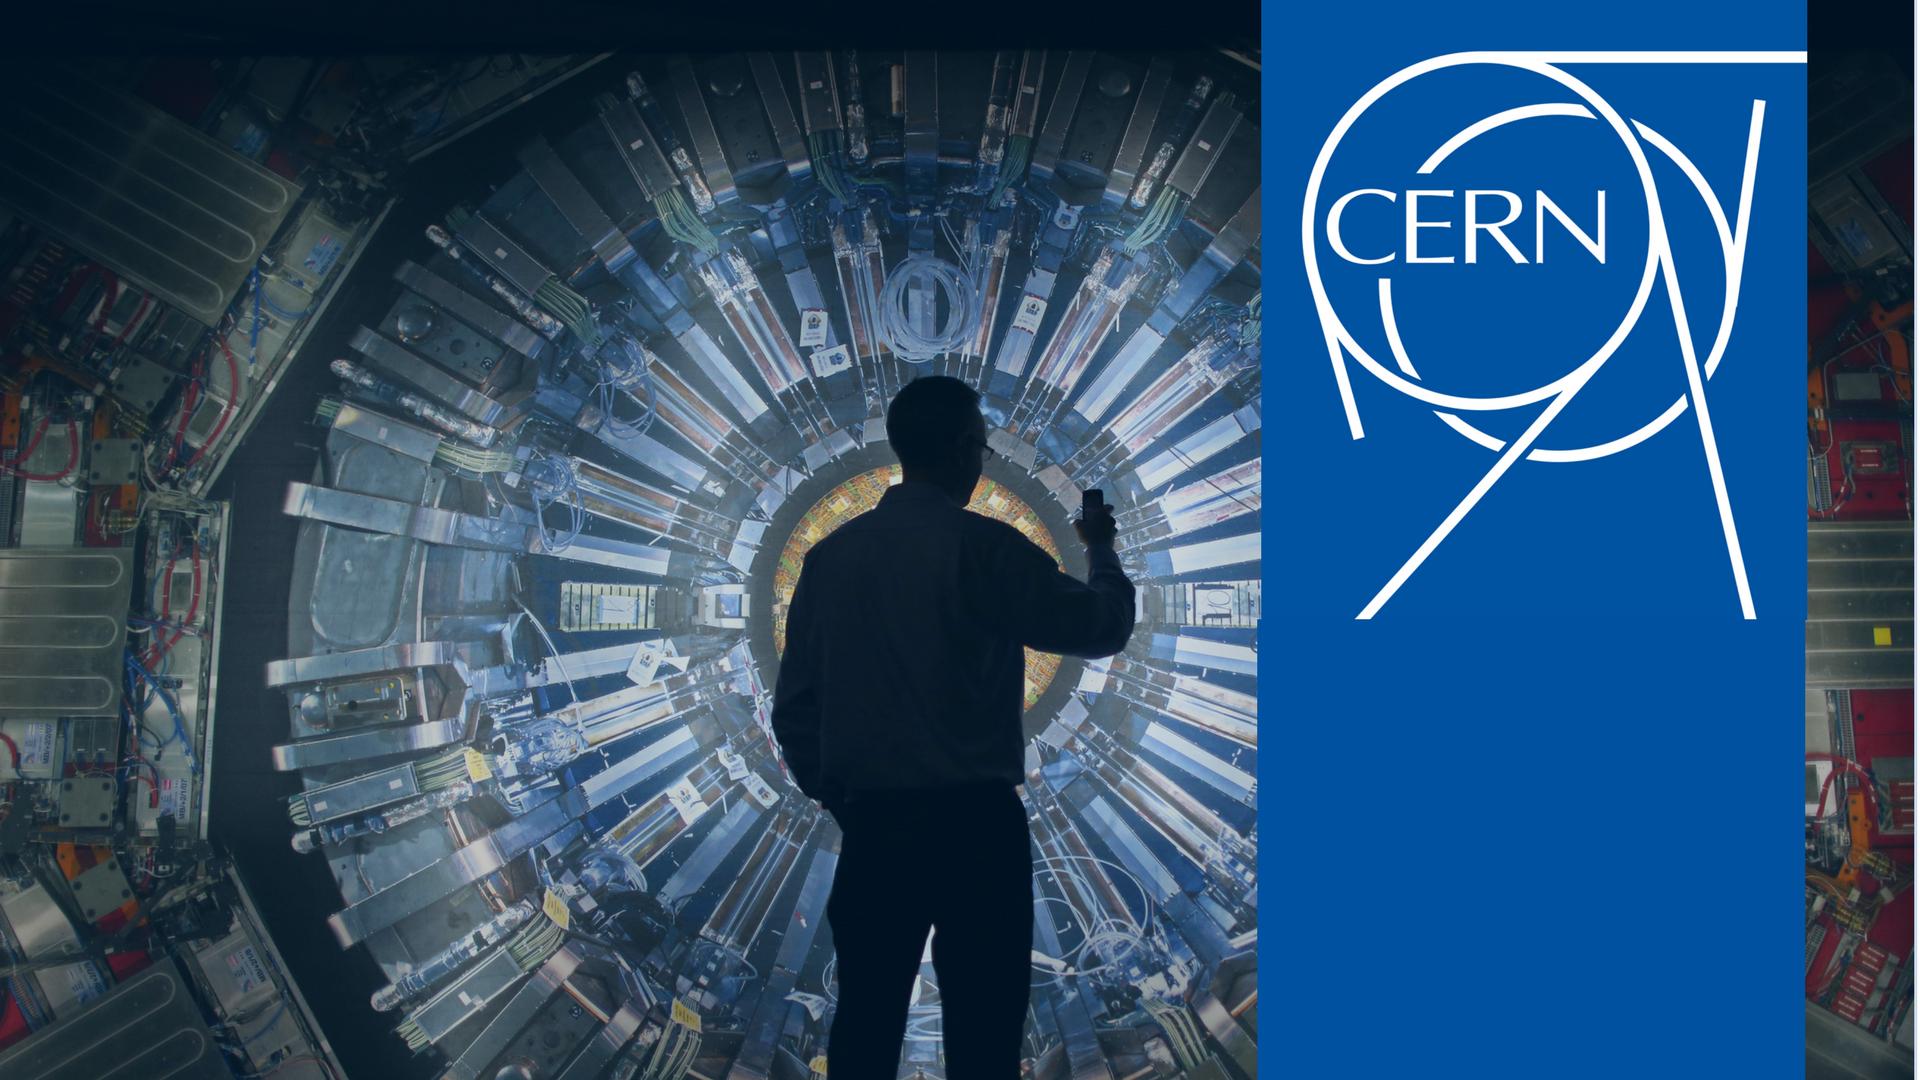 Saiba tudo sobre o CERN